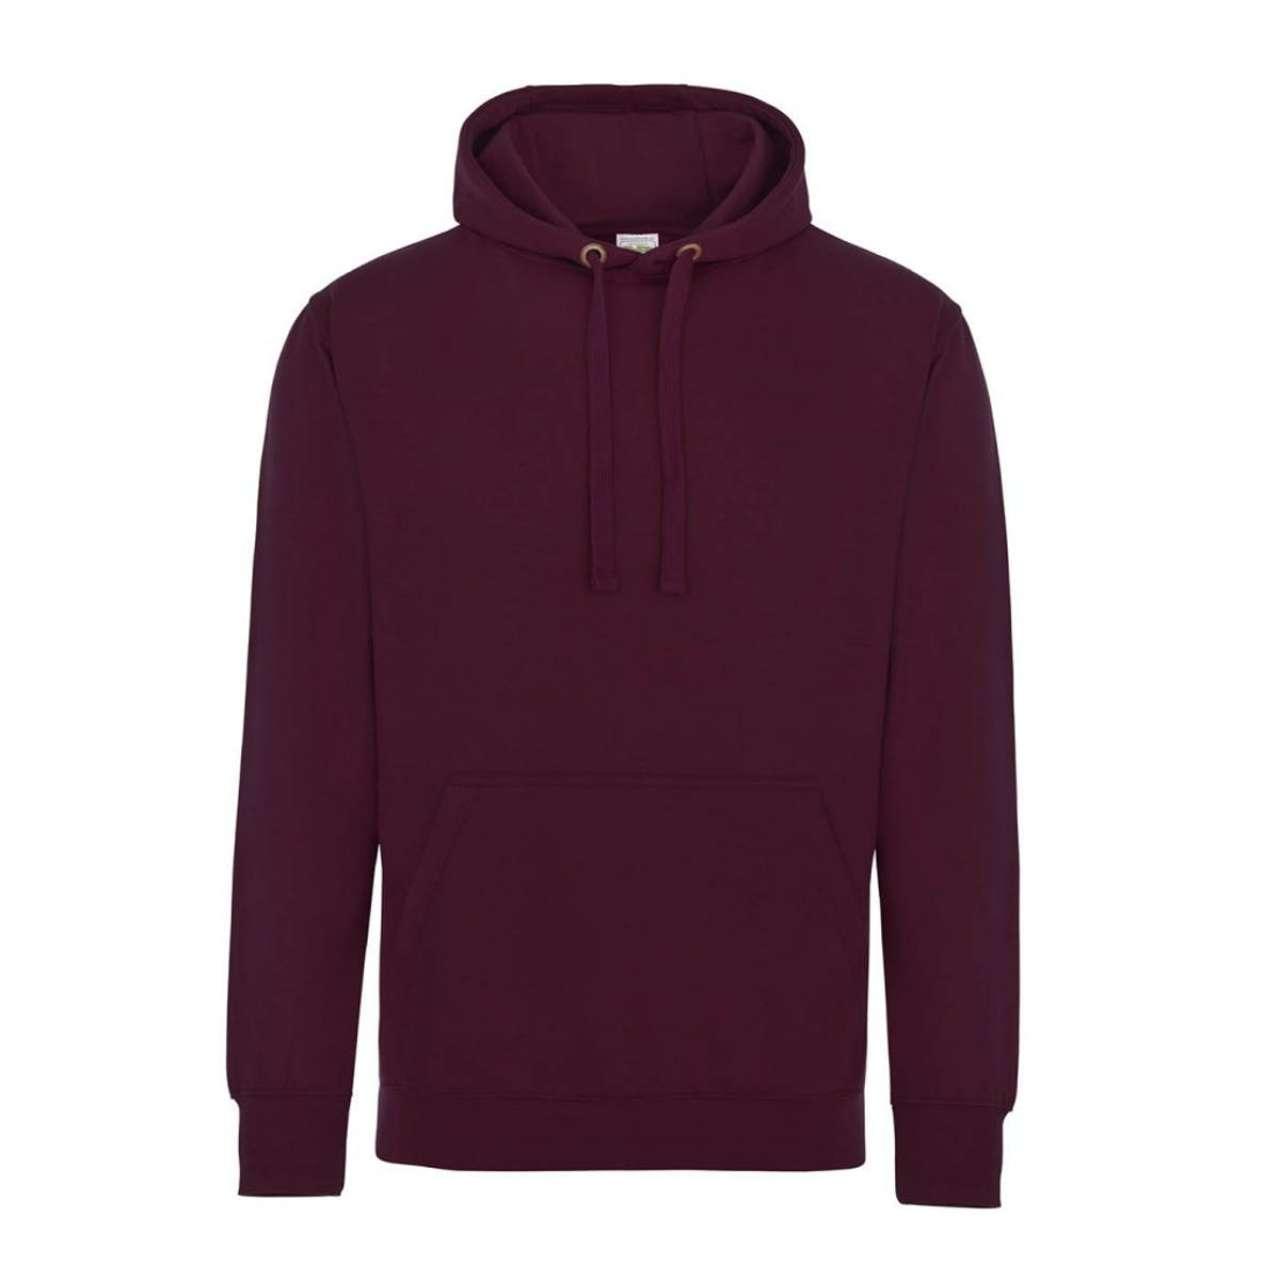 Levně Unisex kvalitní mikina Just Hoods Velikost: S, Barva: supa burgundská vínová